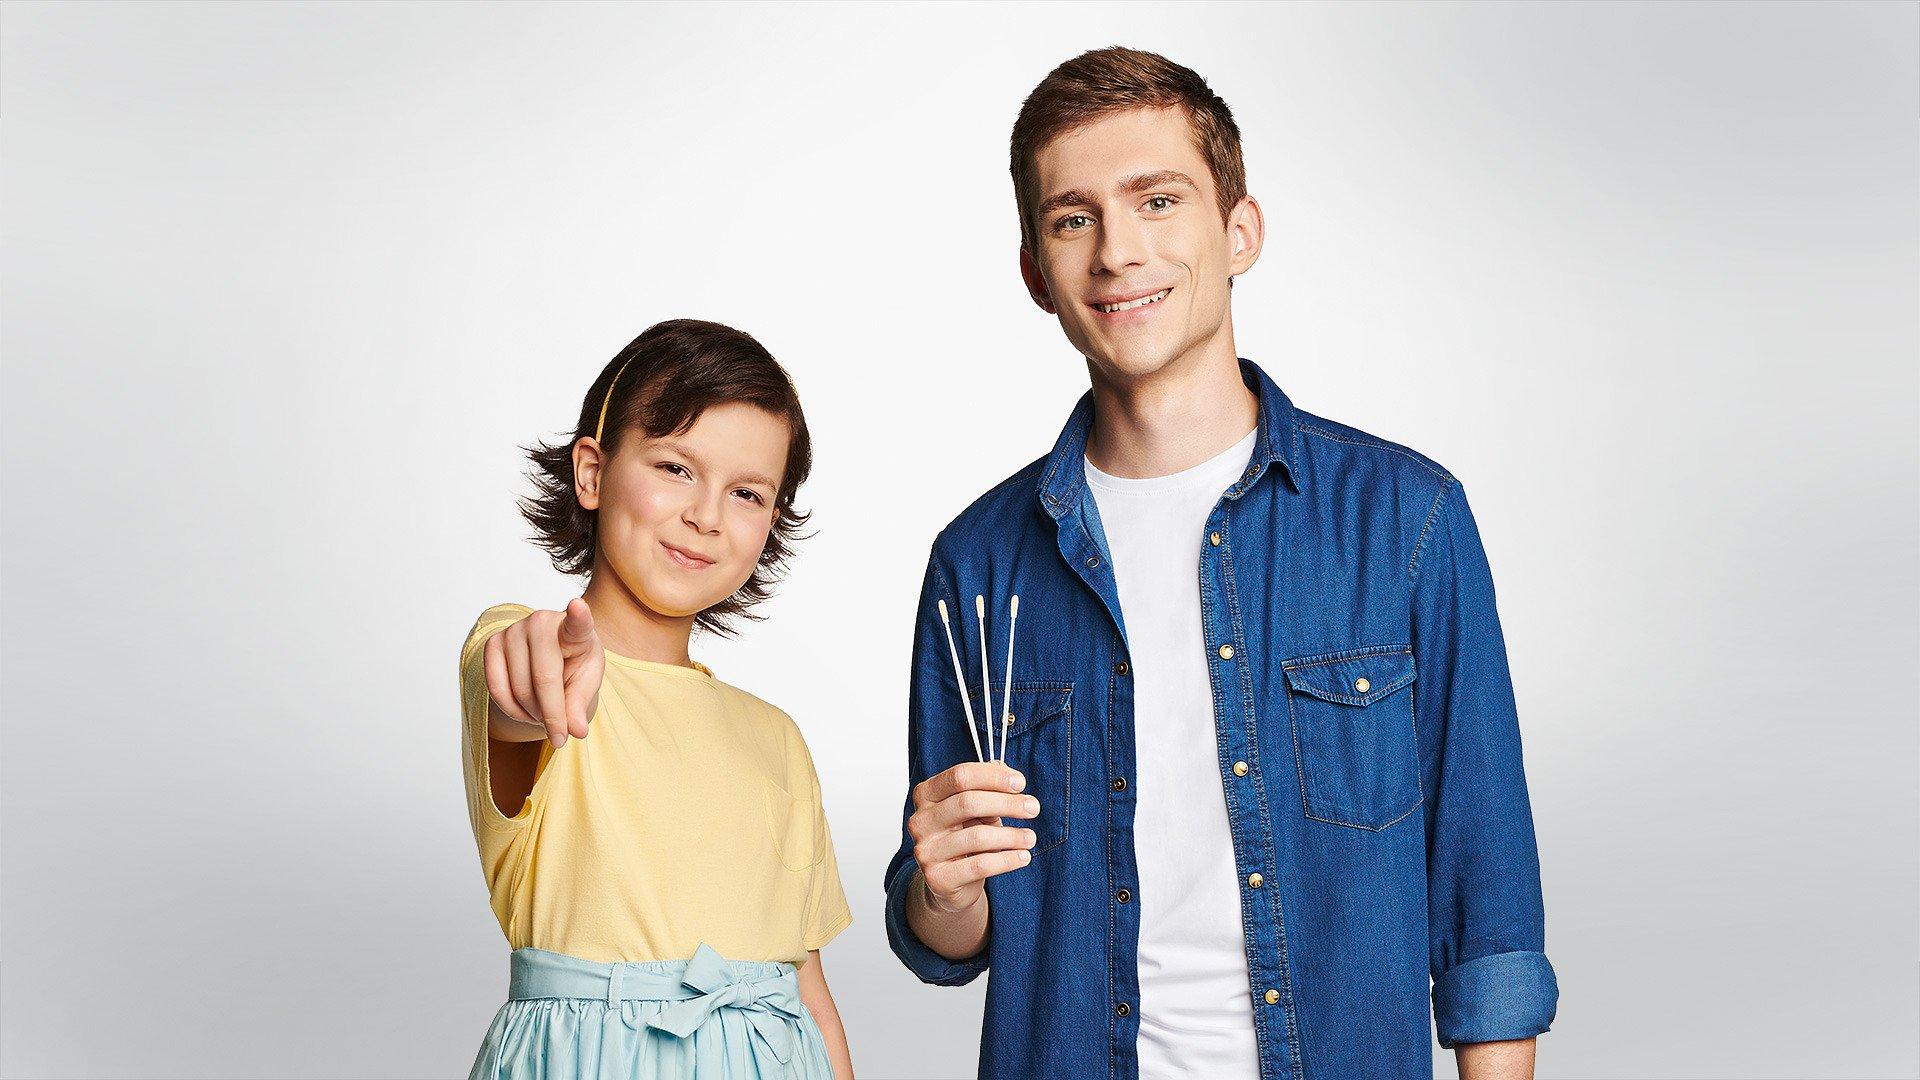 Bez względu na dystans łączą nas geny! Dawcy faktyczni i 10-letnia Hania bohaterami kampanii społecznej Fundacji DKMS